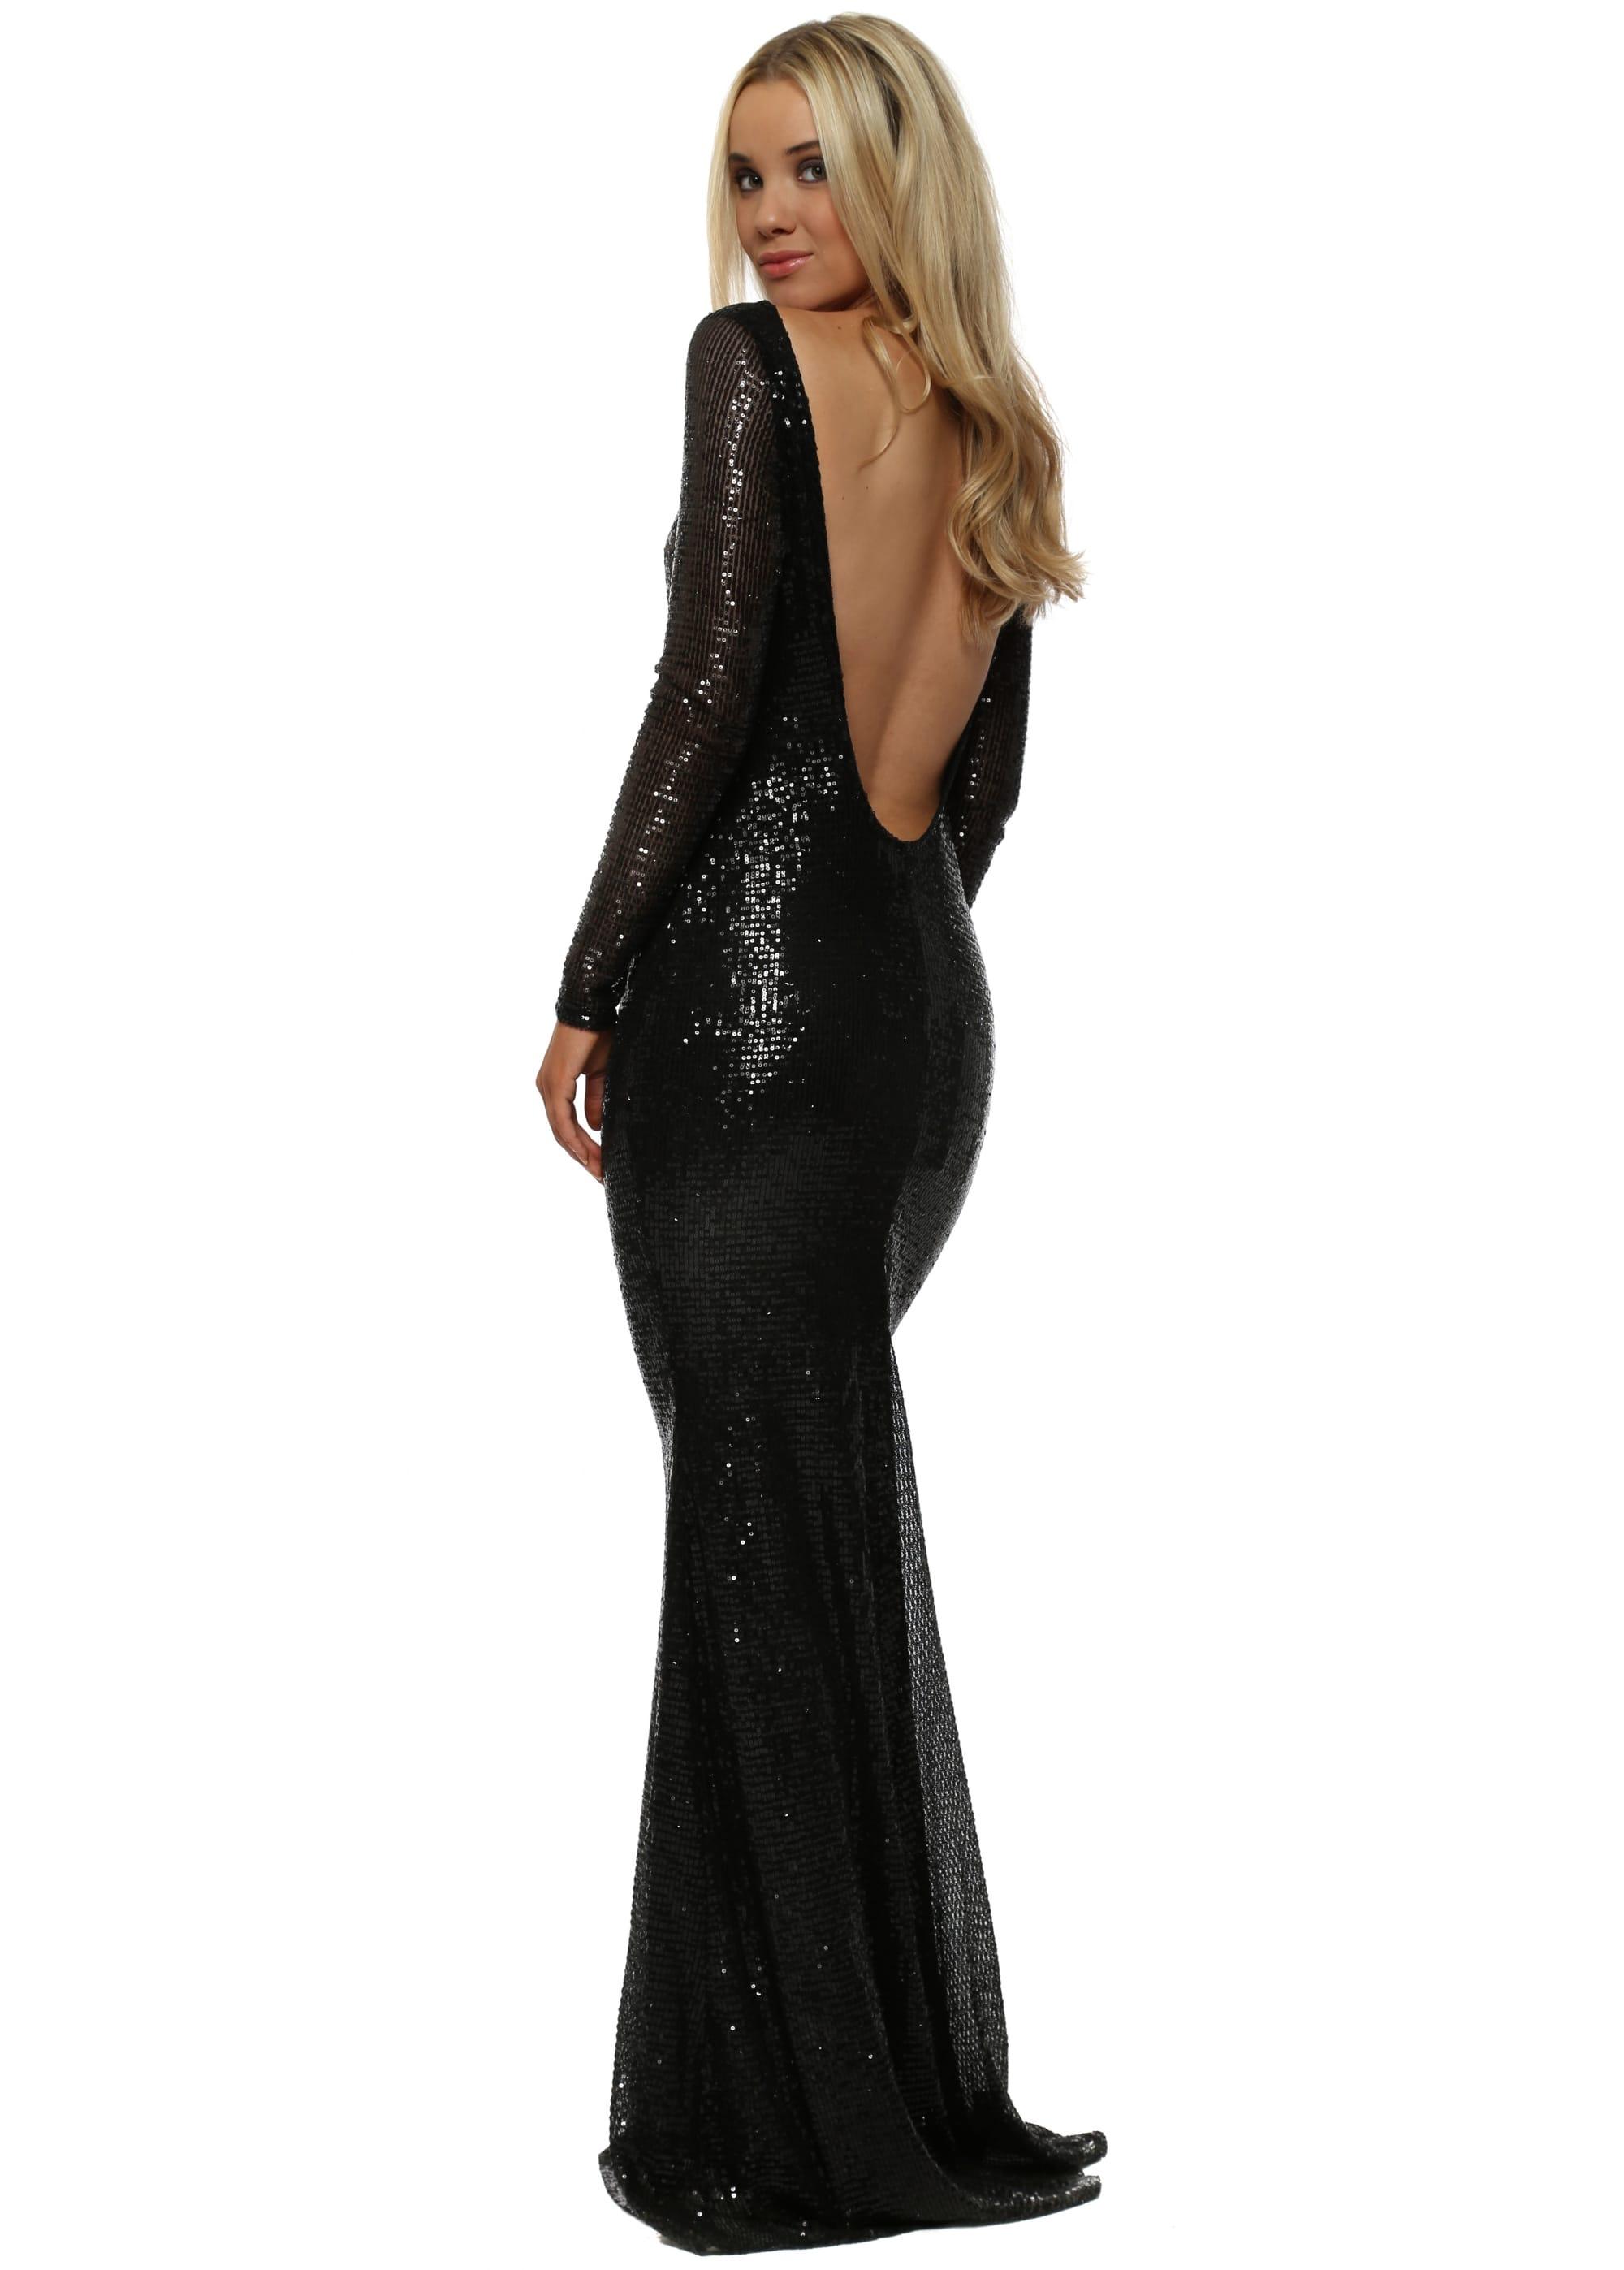 Low Back Sequin Dress  Stephanie Pratt